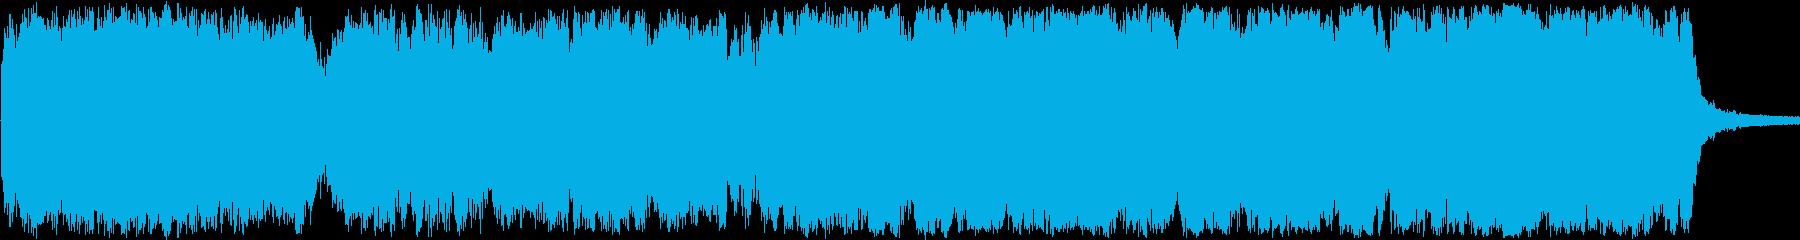 始まりを予感させる躍動的なオーケストラ曲の再生済みの波形